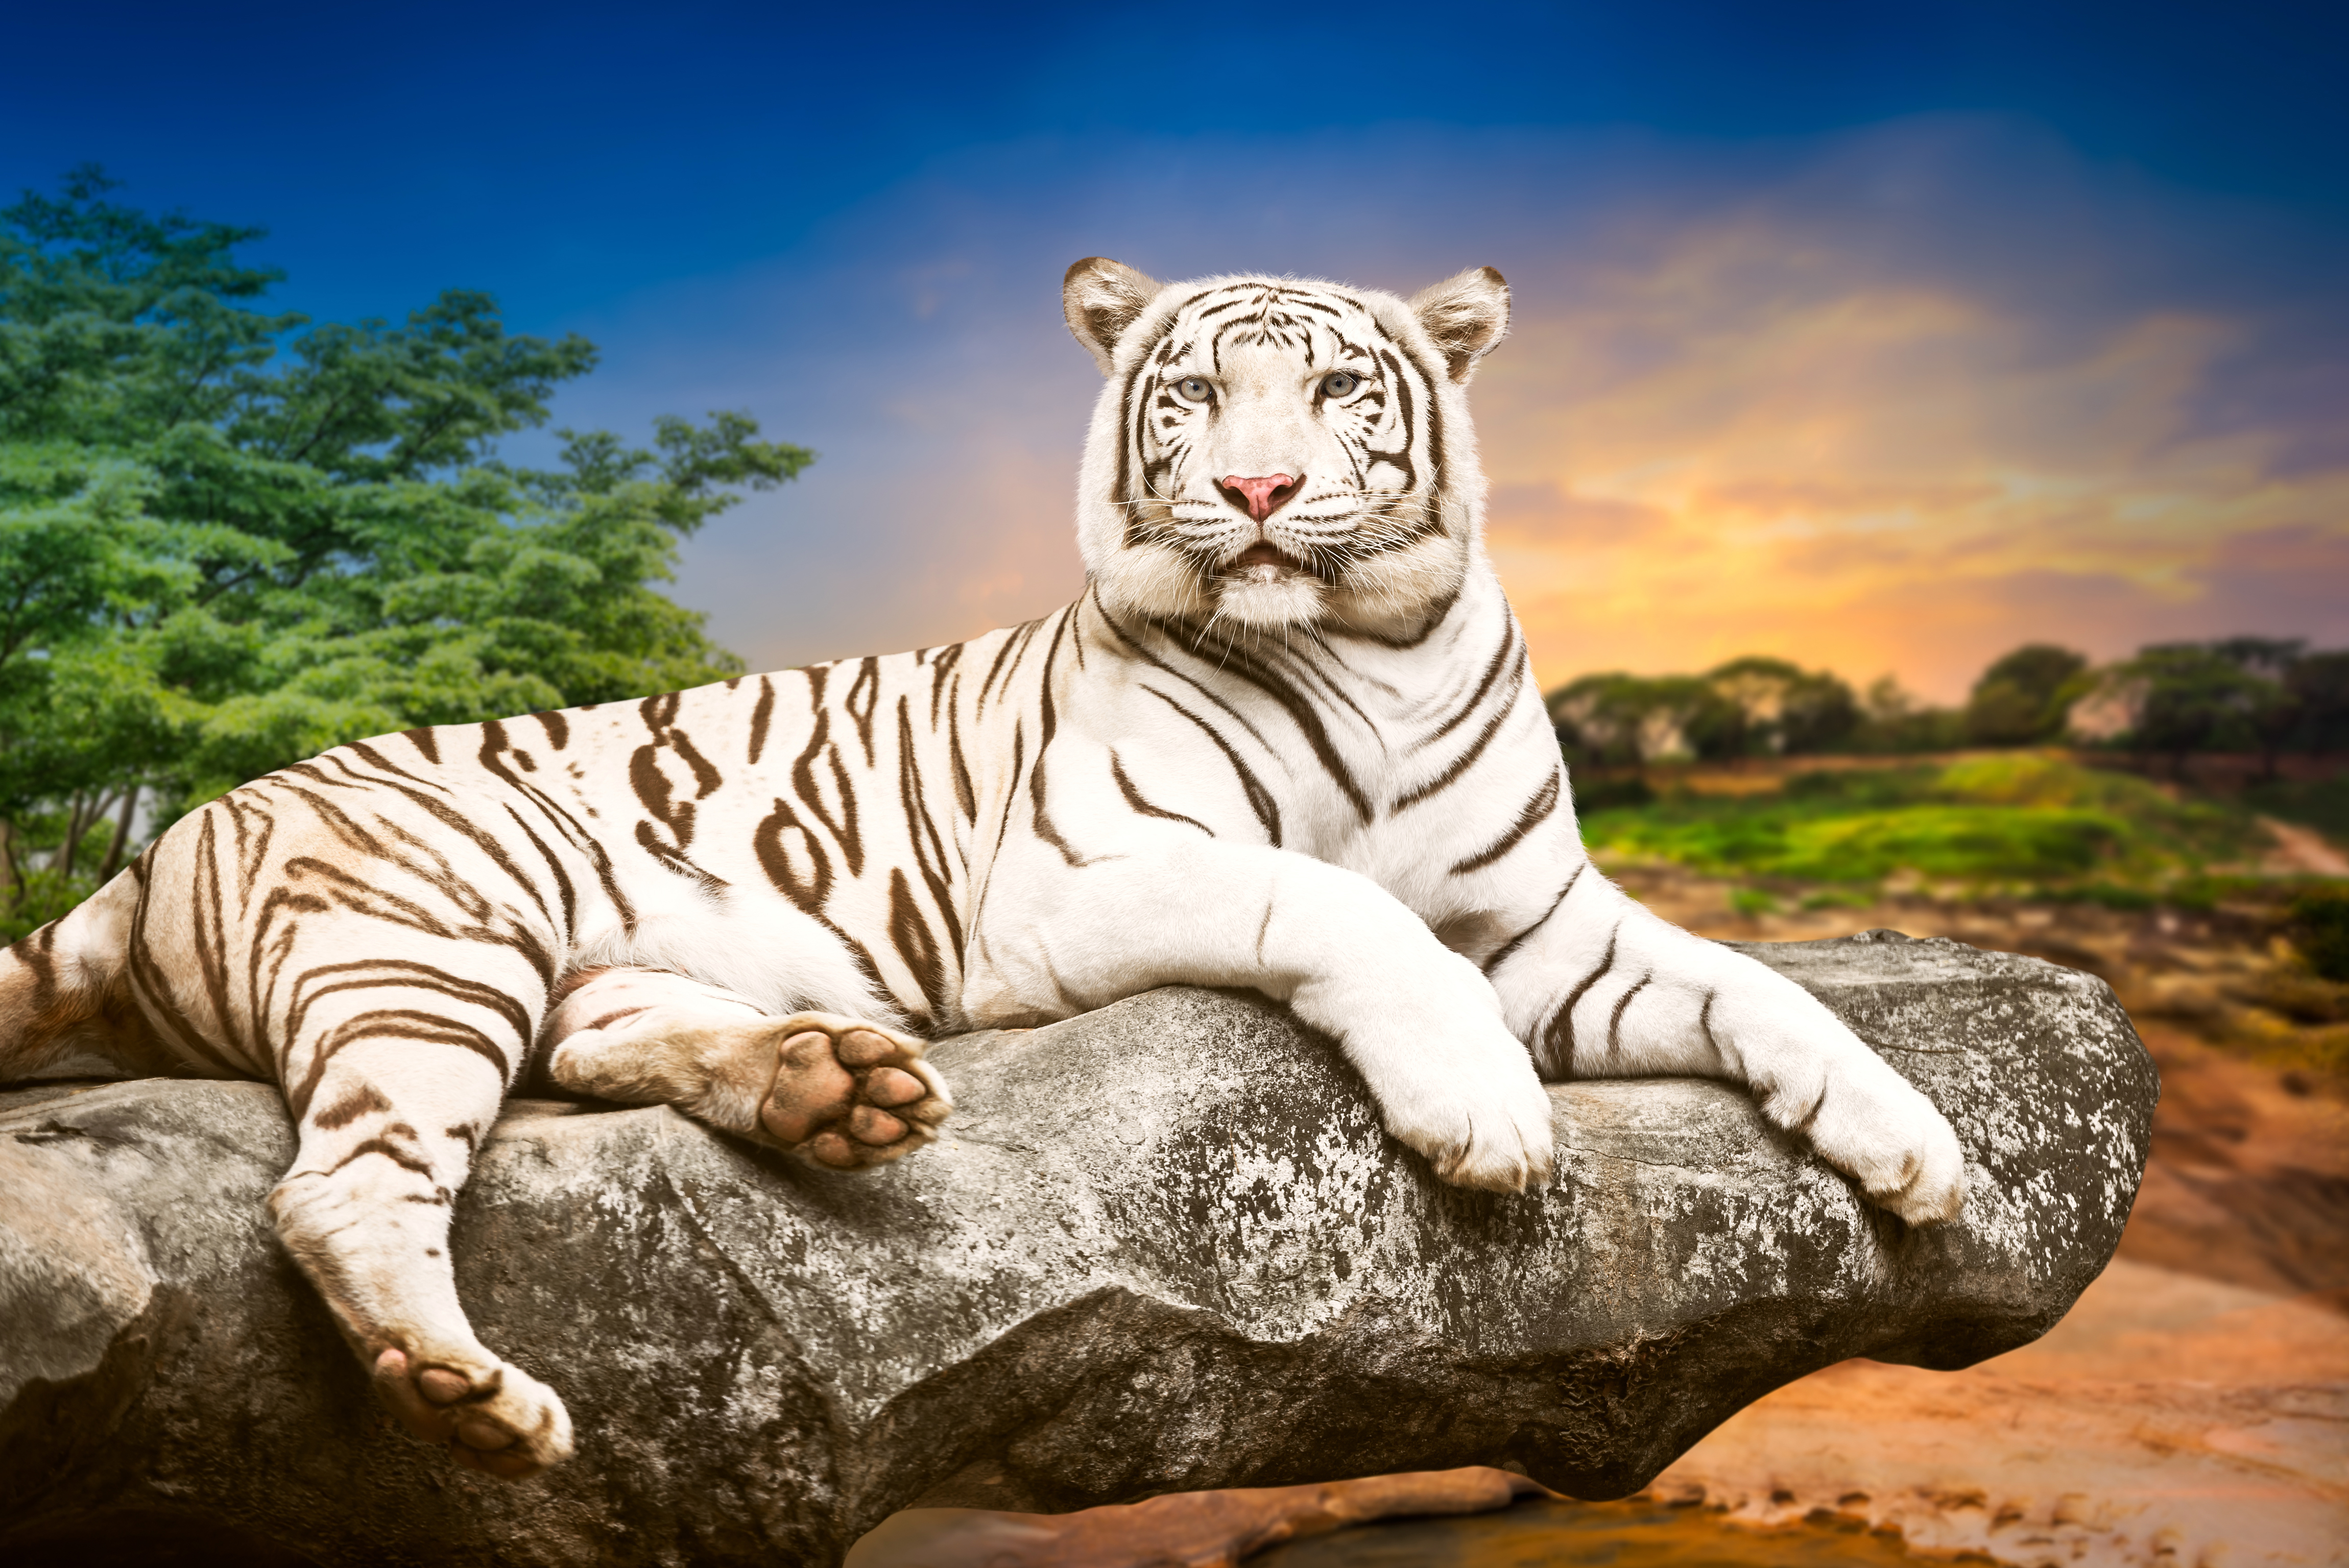 Fondos De Pantalla 4600x3071 Grandes Felinos Tigris Blanco